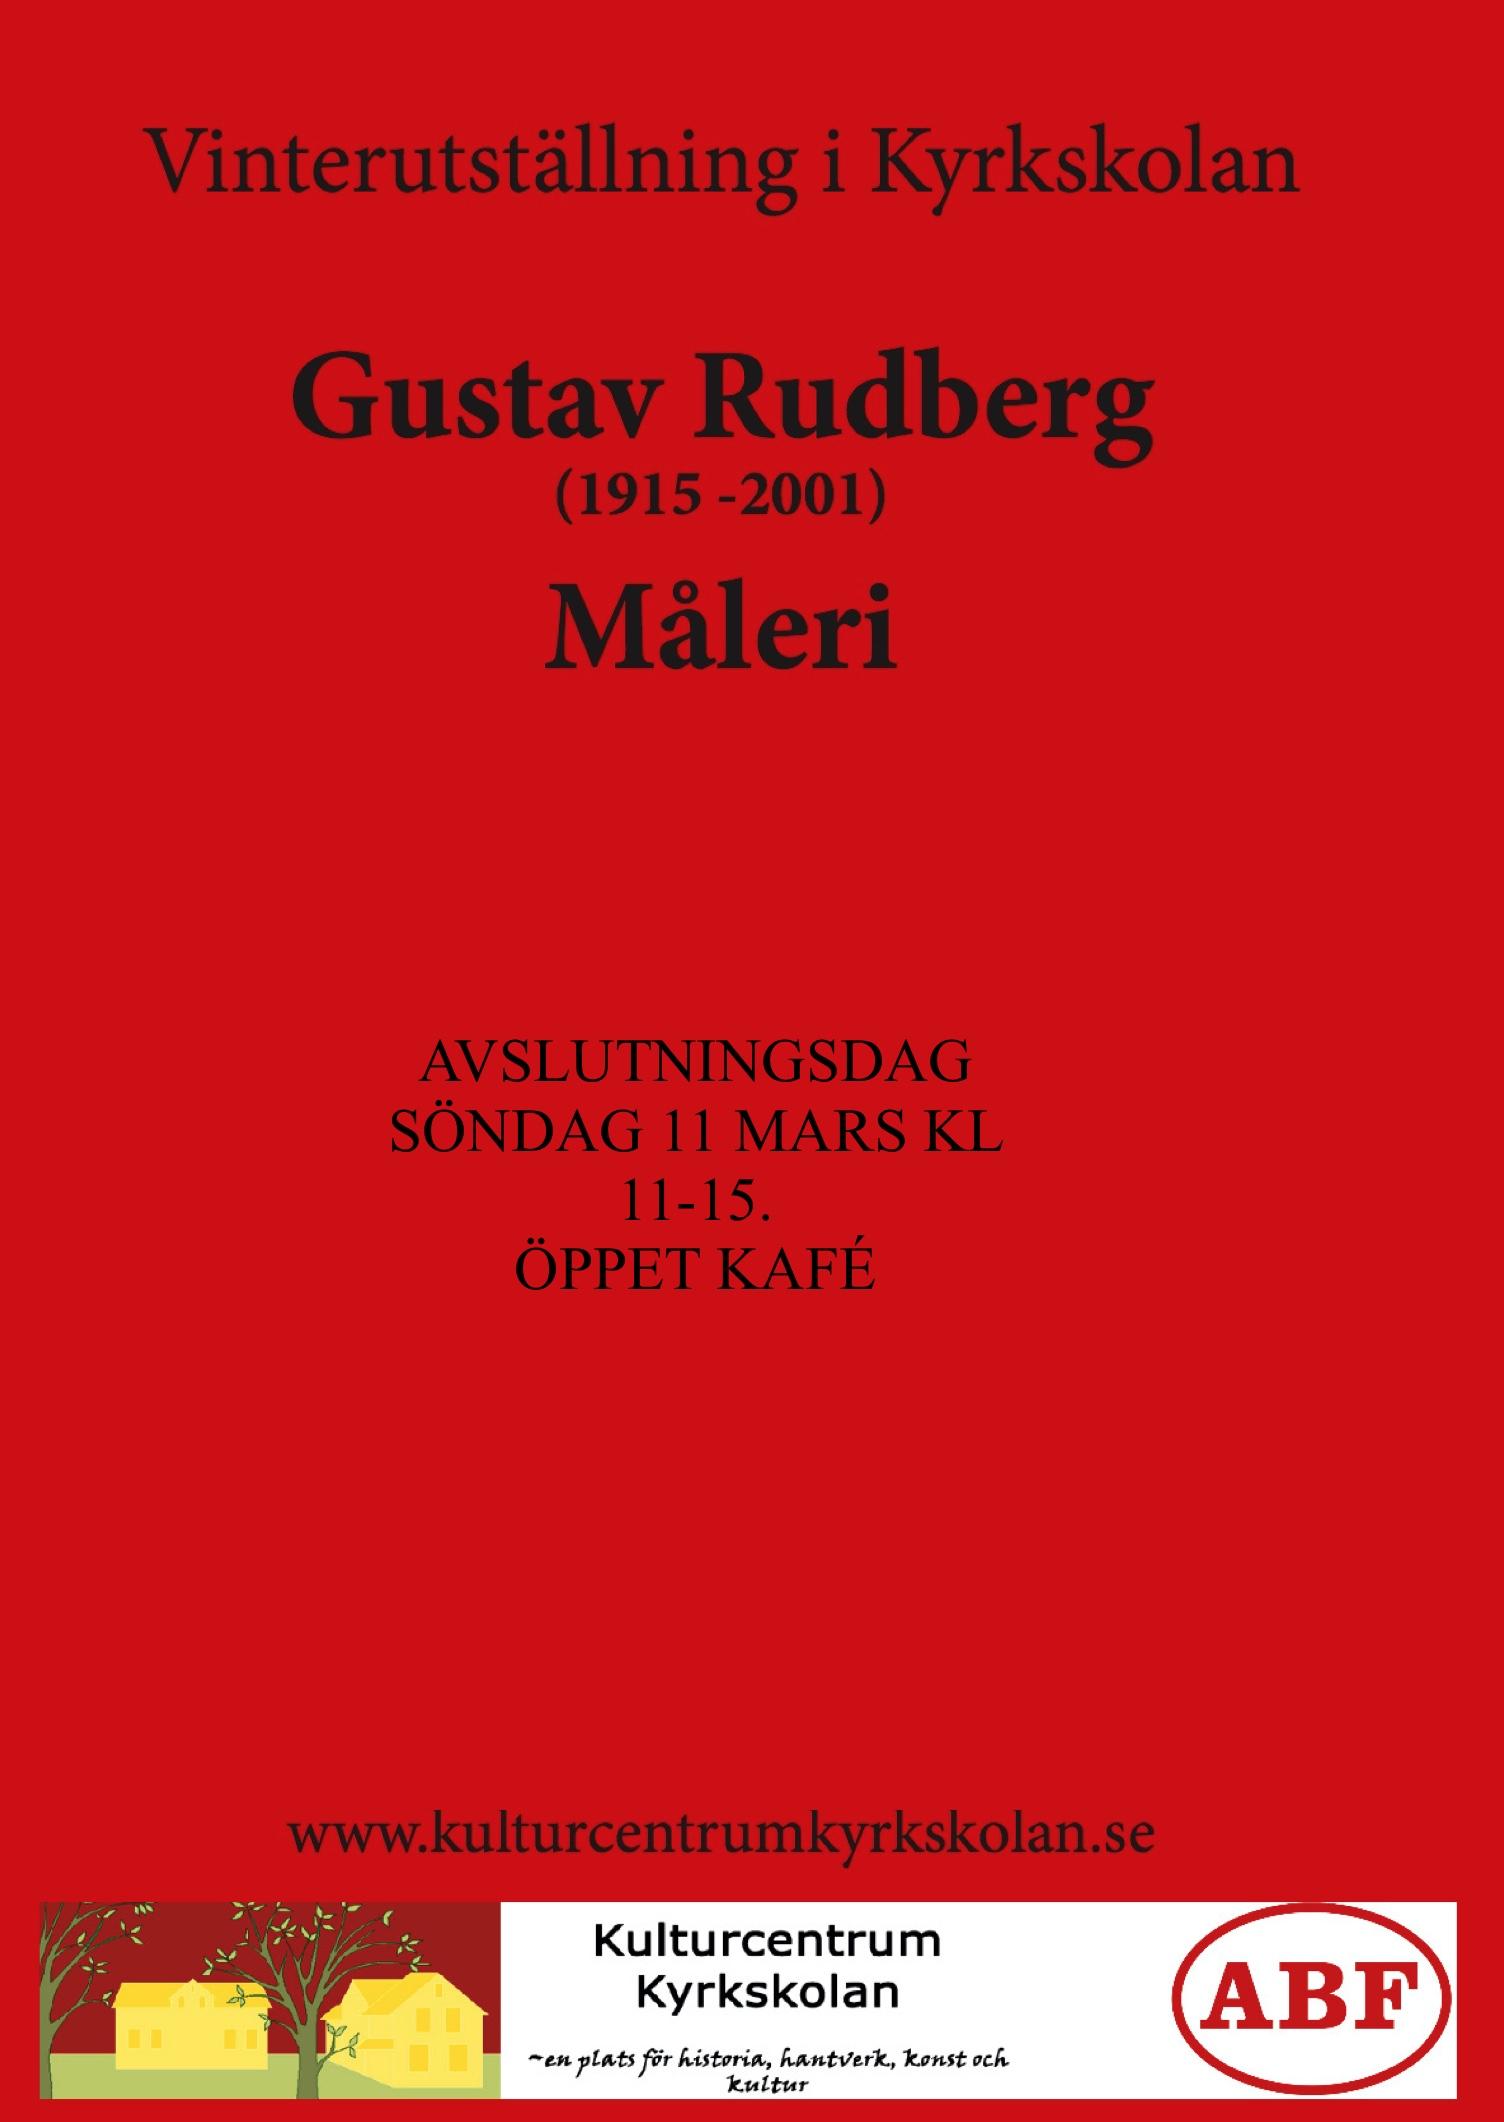 Vinterutställning i Kyrkskolan - Gustav Rudberg - Måleri @ GULA SALEN /KYRKSKOLAN I HÖLÖ